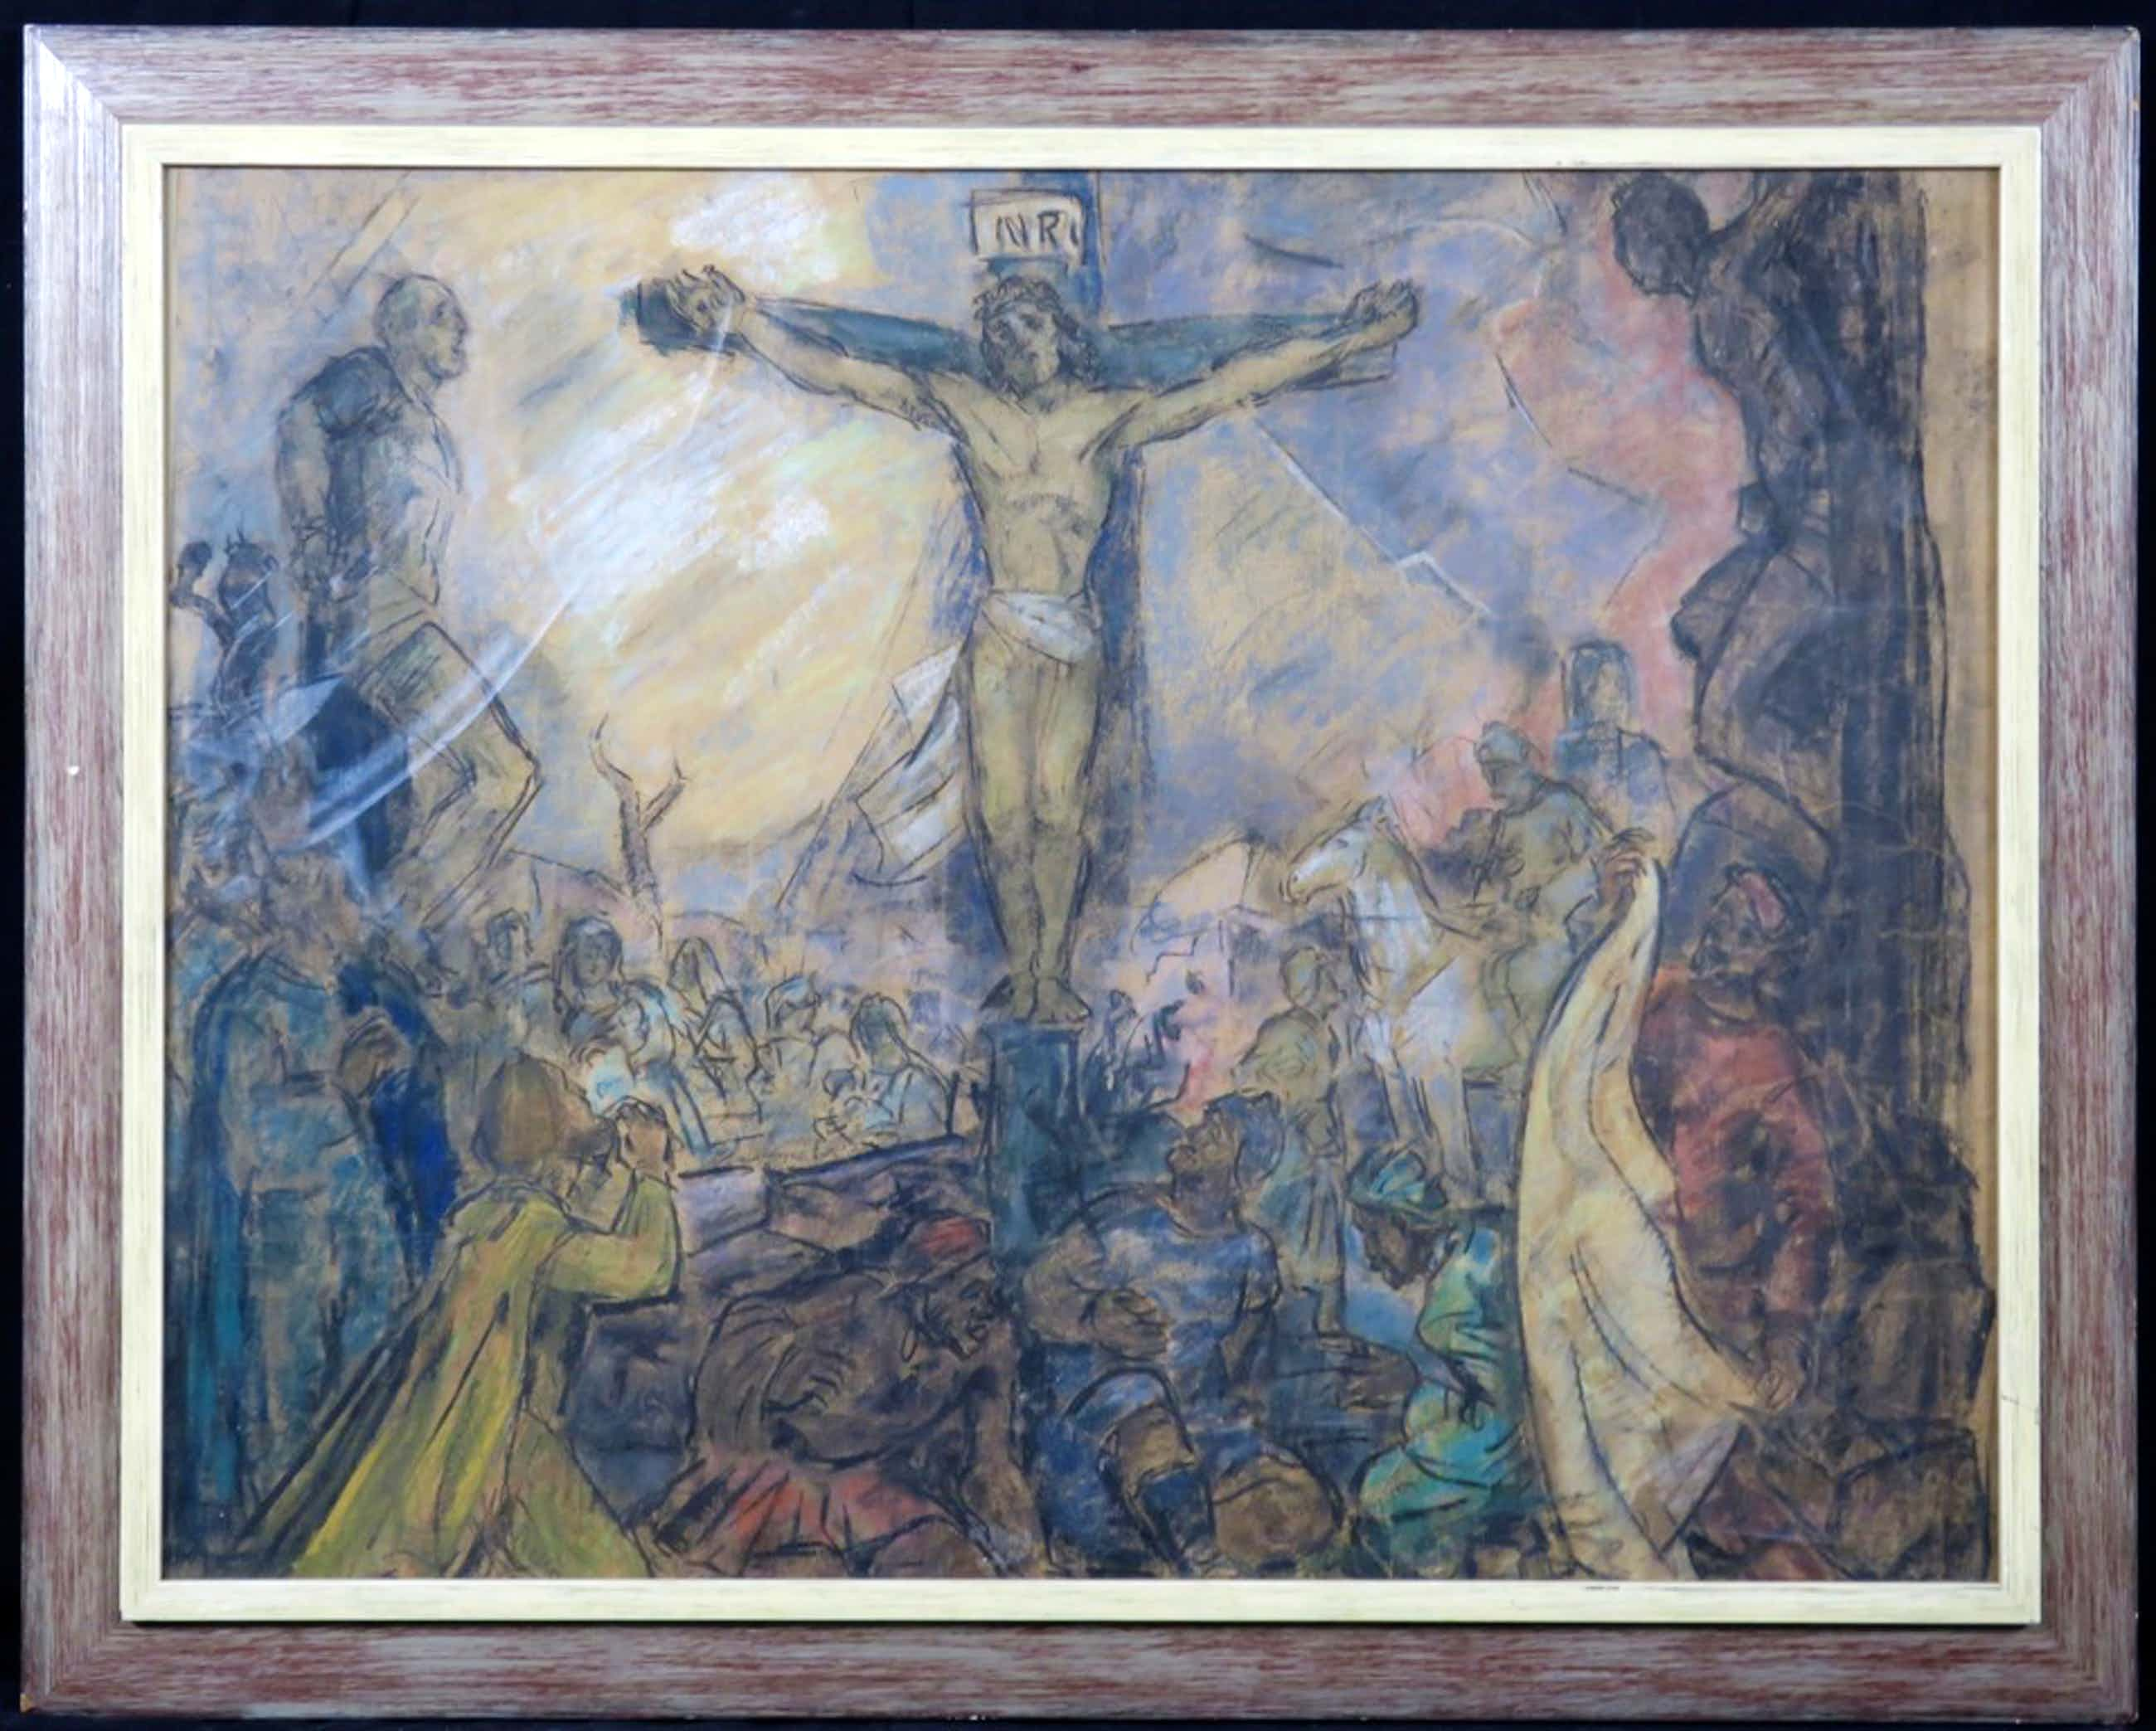 Han van Meegeren: Pasteltekening, Christus aan het kruis - Ingelijst (Groot) kopen? Bied vanaf 650!